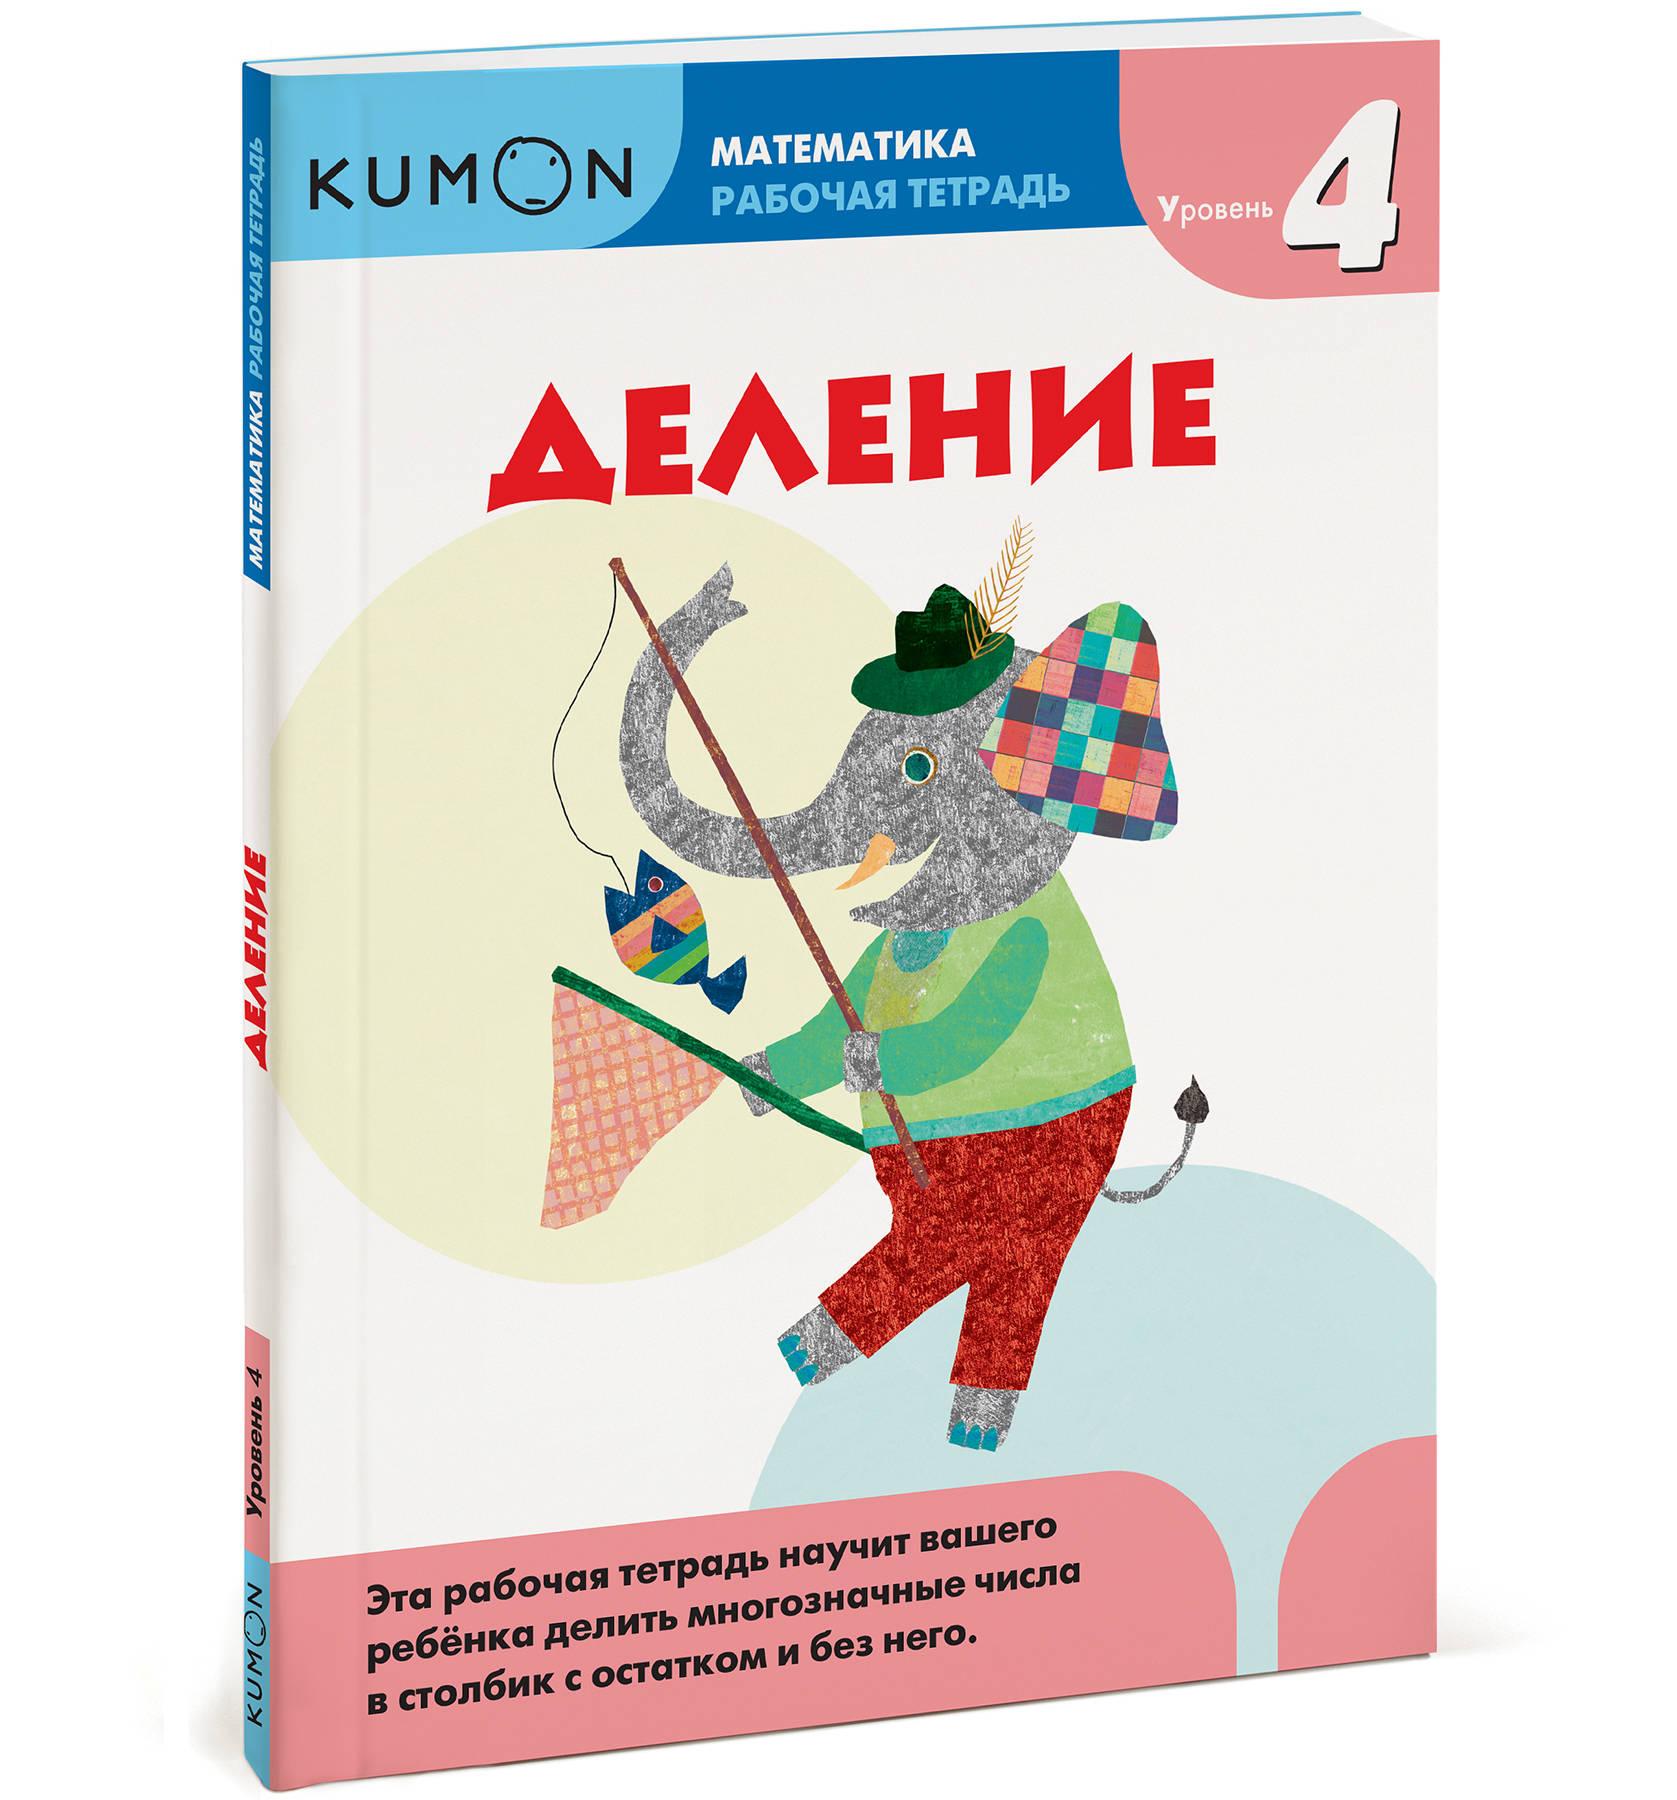 Kumon Математика. Деление. Уровень 4 Kumon kumon математика умножение уровень 3 kumon